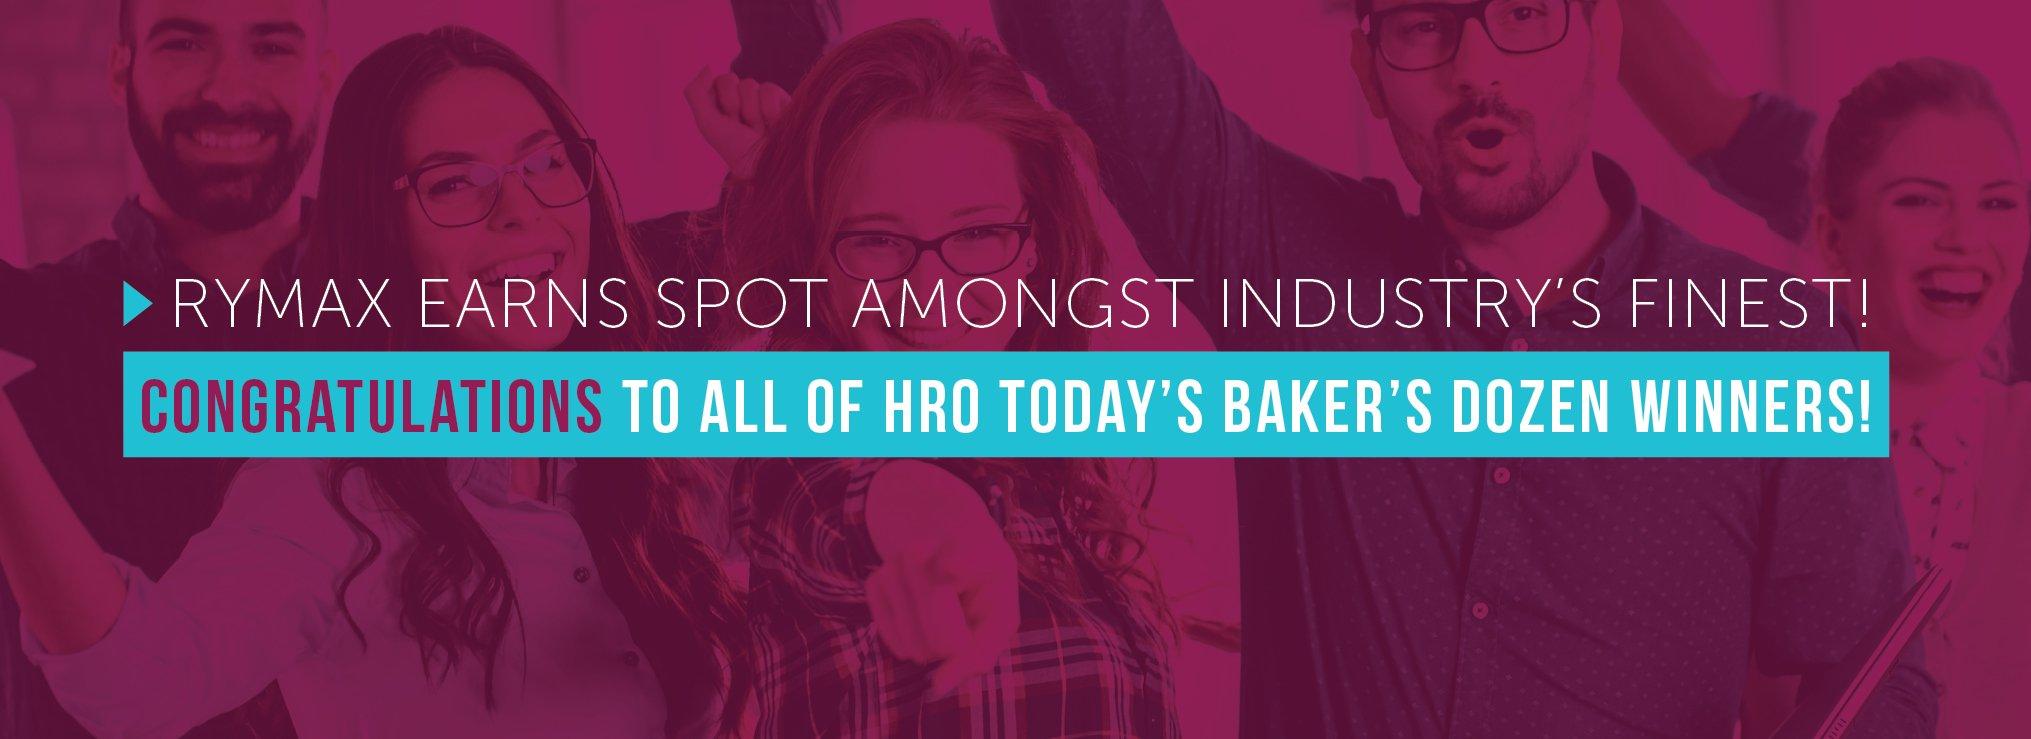 HRO Bakers Dozen Award